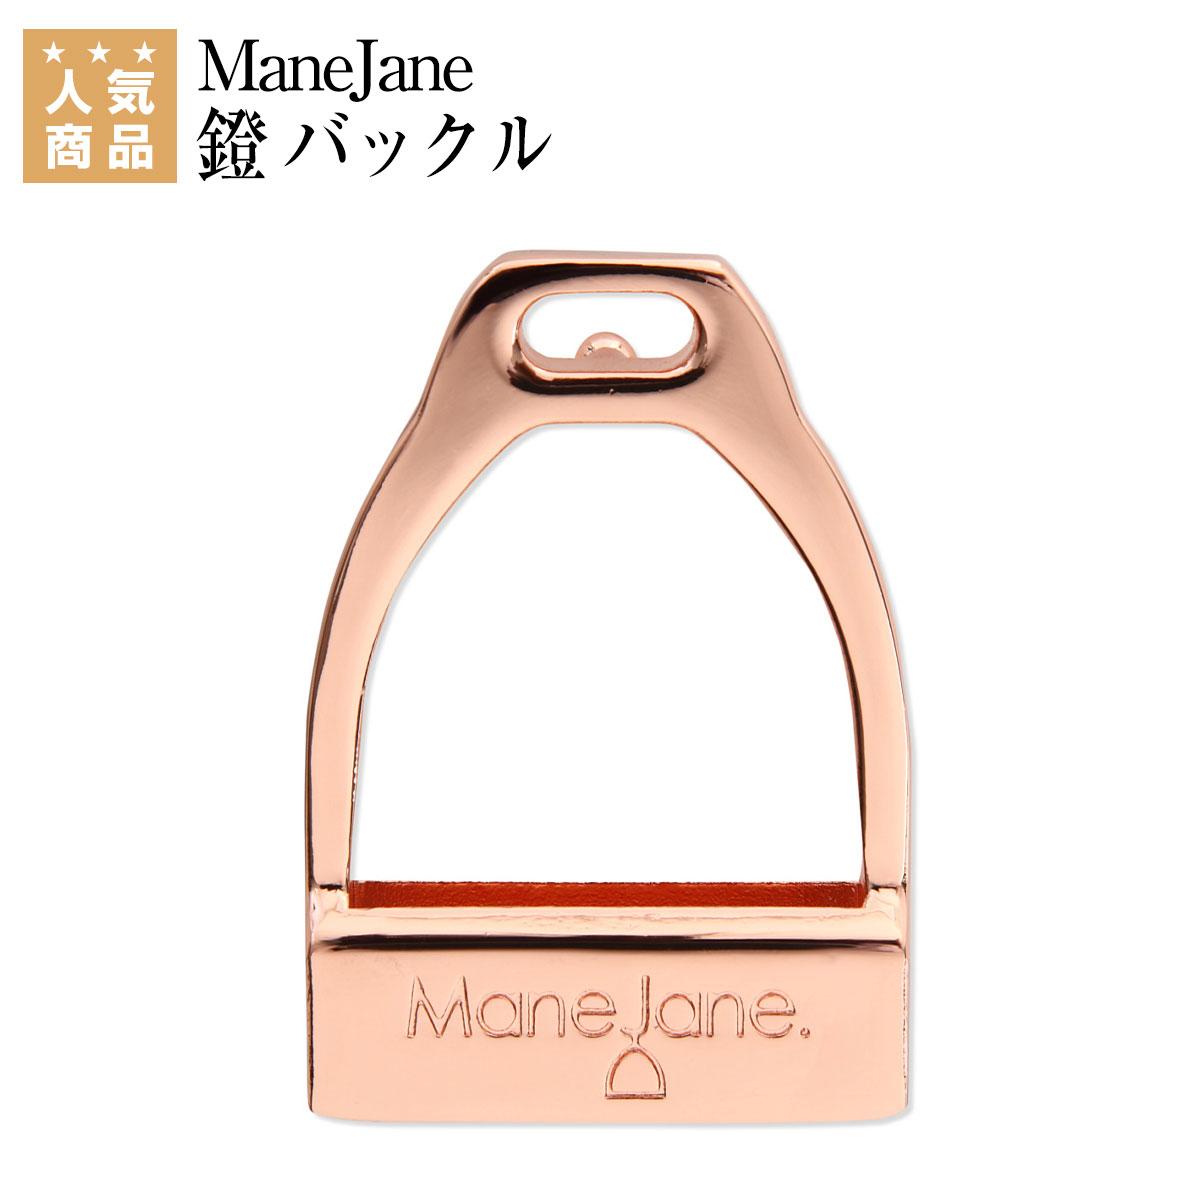 乗馬用品 ベルト 送料無料 乗馬 乗馬用ウエア 送料無料 ManeJane(メインジェーン) 鐙 バックル(型押し リバーシブル レザーベルト用) 乗馬用品 馬具